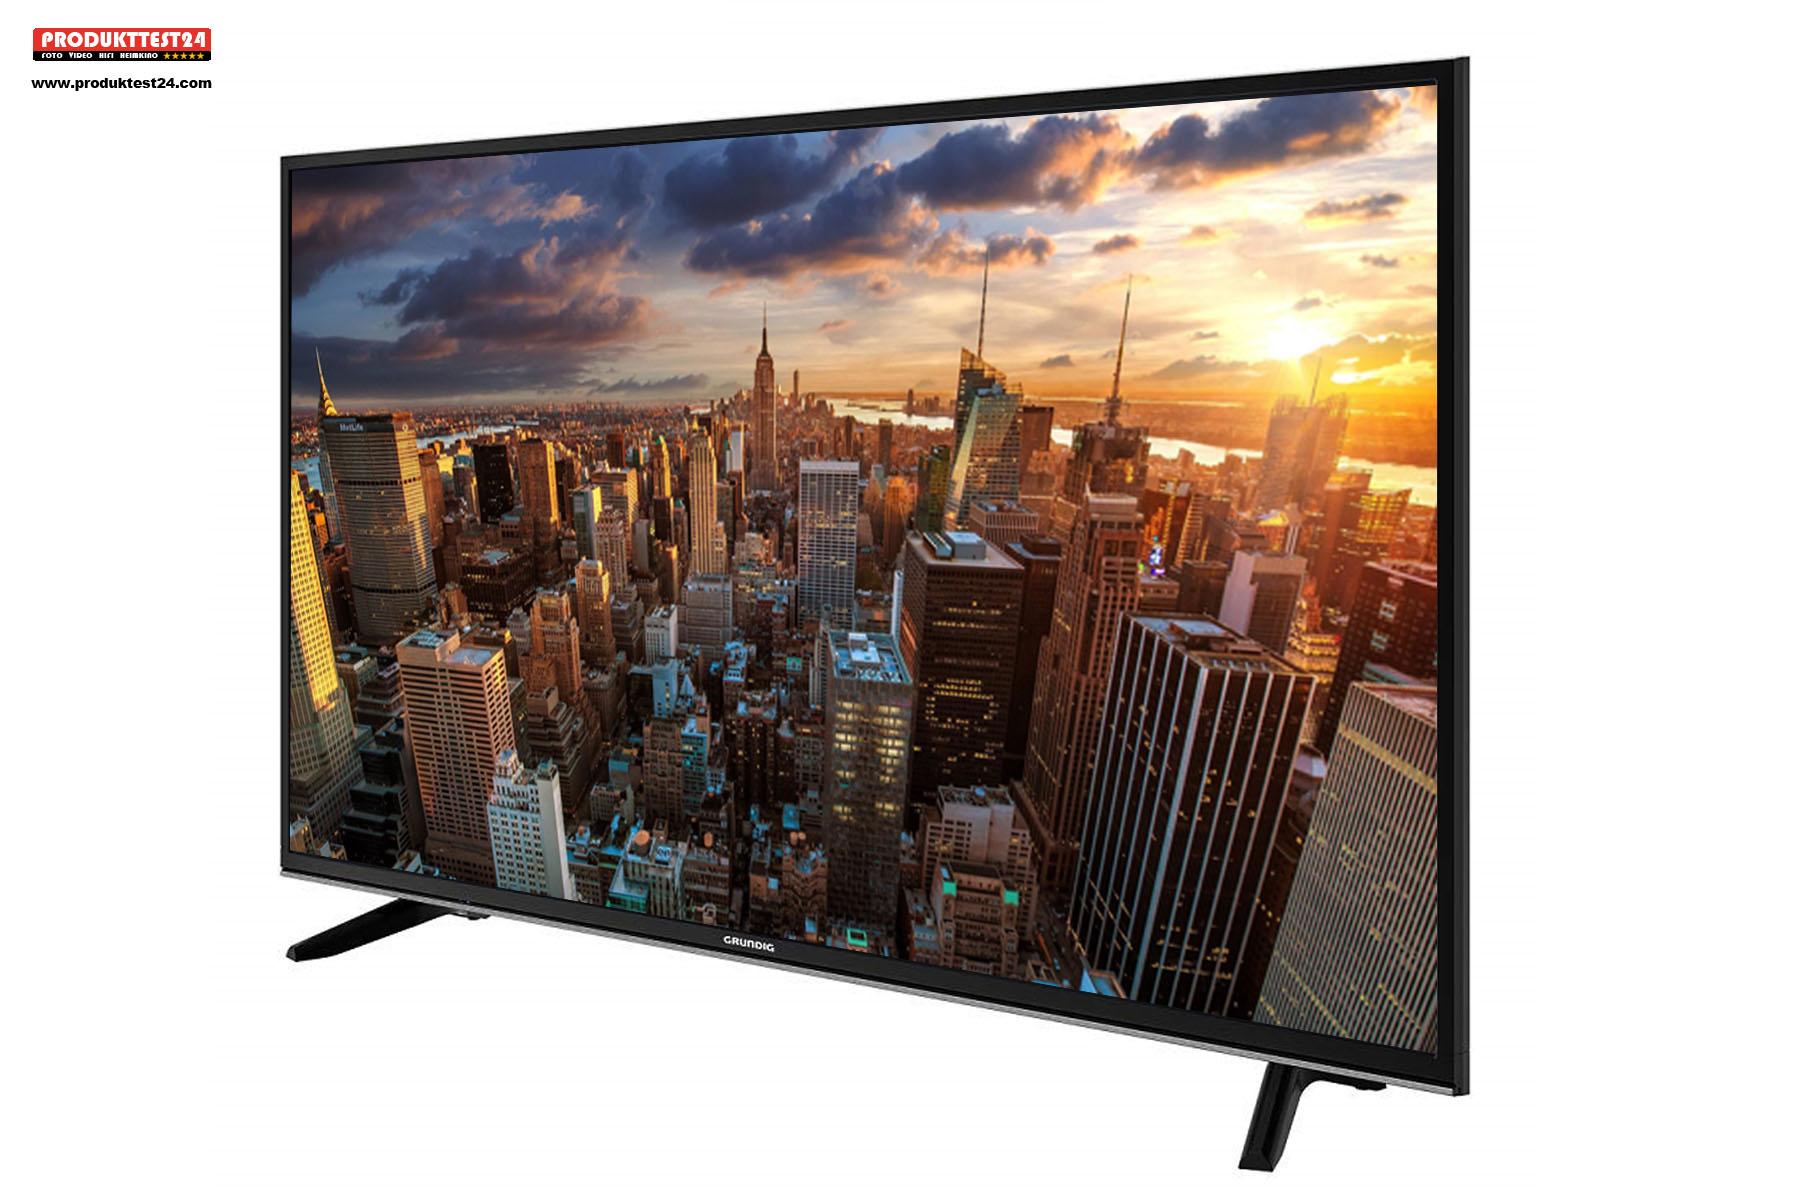 65 Zoll Bilddiagonale, Amazon Fire TV mit Alexa Sprachsteuerung und Triple Tuner